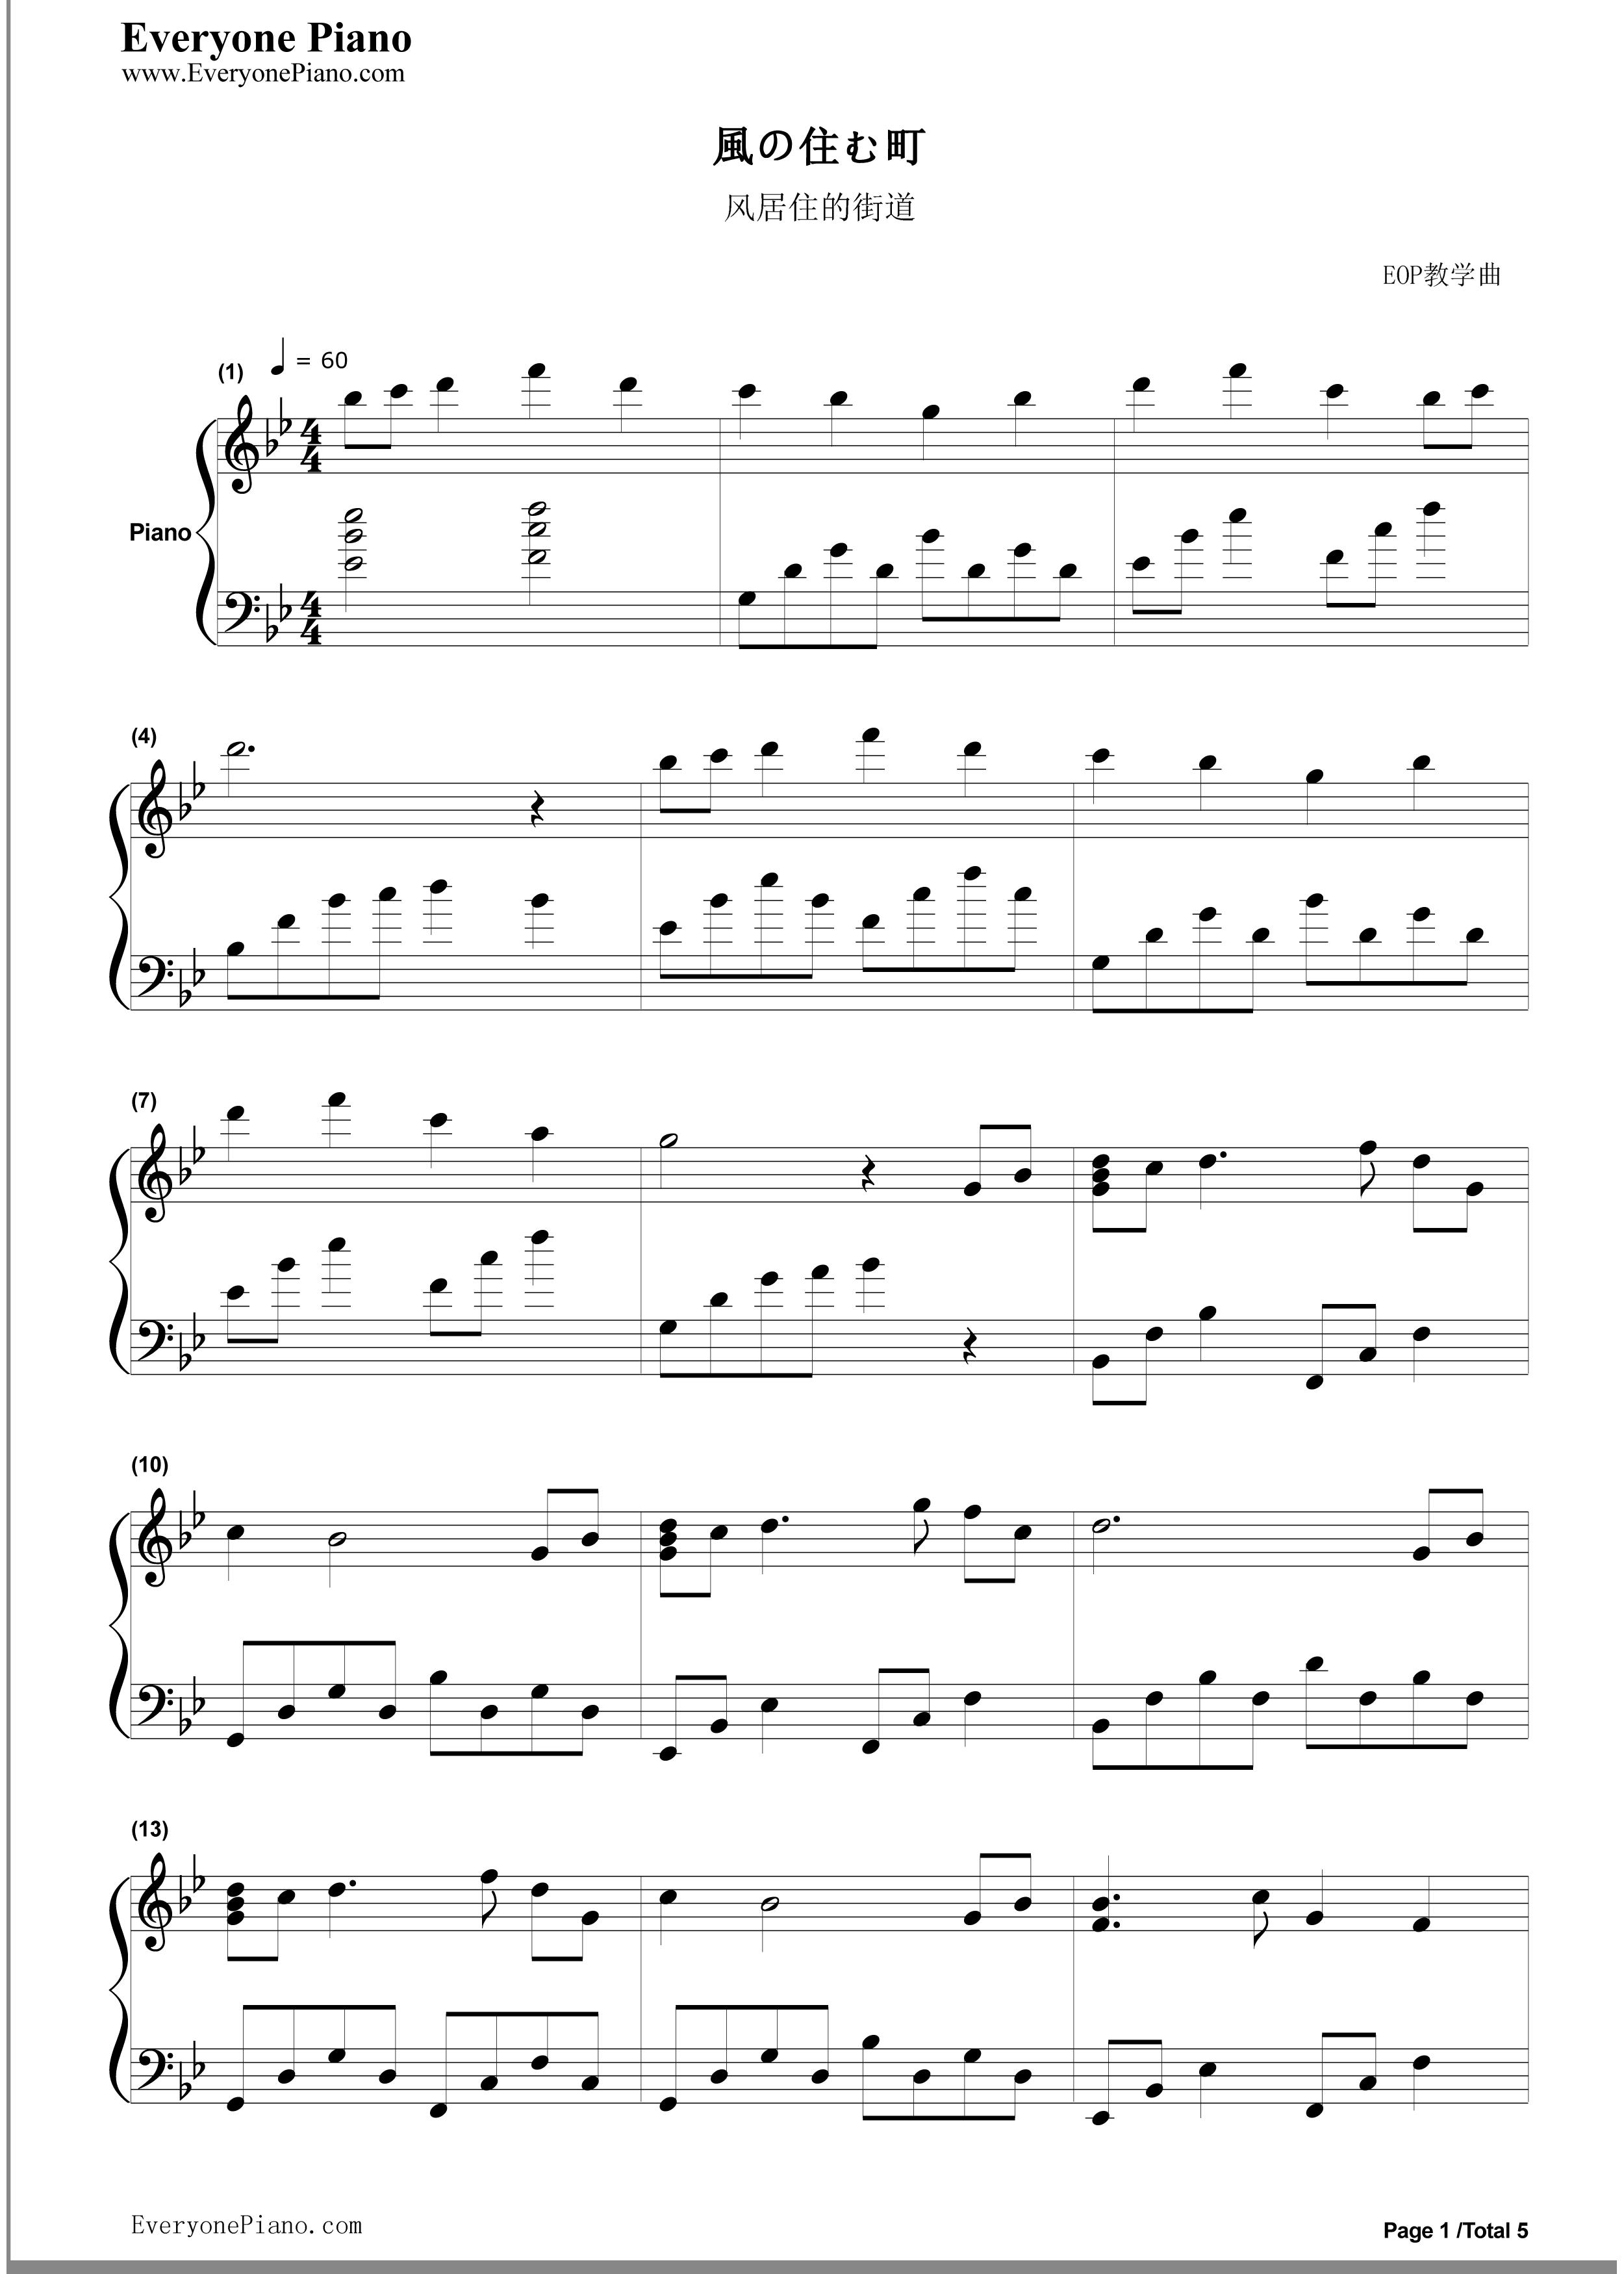 心湖雨又风古筝谱-风居住的街道纯钢琴曲五线谱预览 EOP在线乐谱架